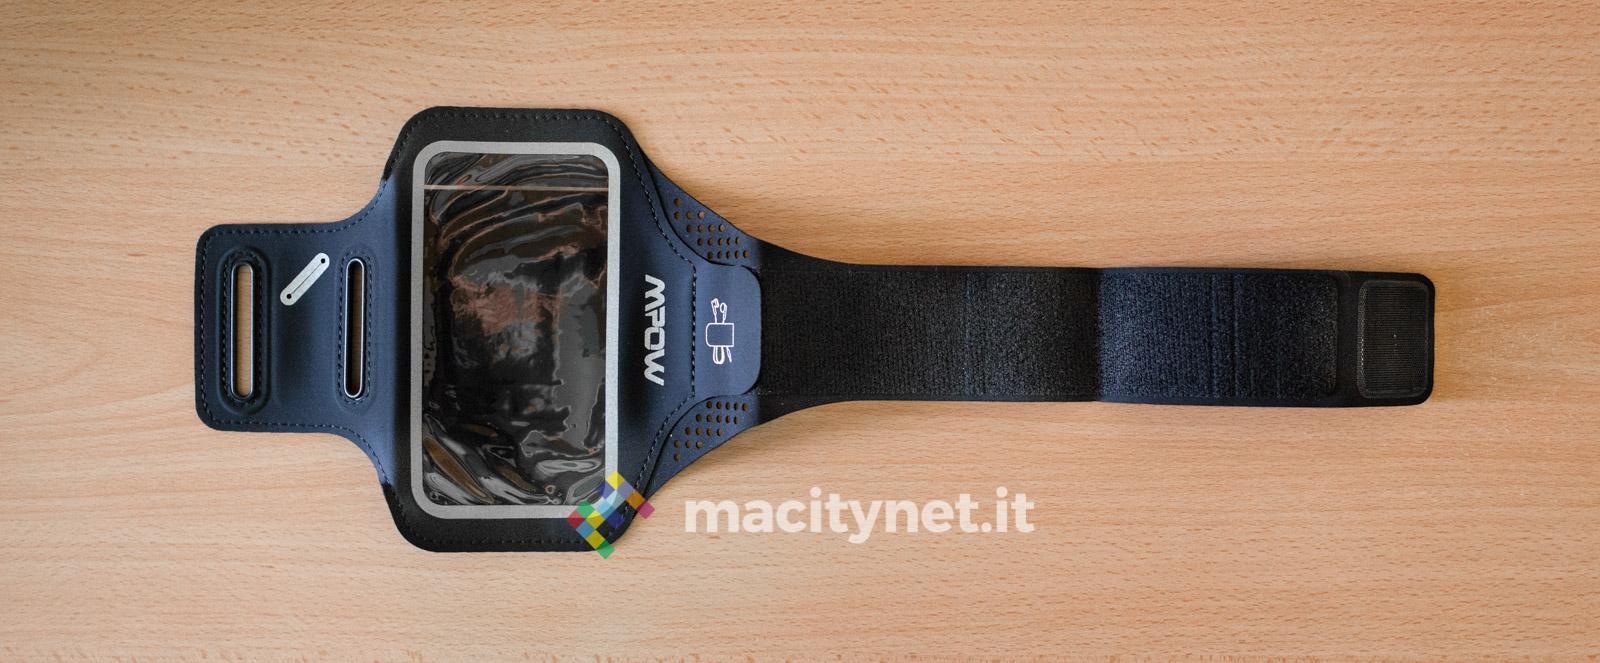 Recensione fascia da braccio per smartphone di Mpow